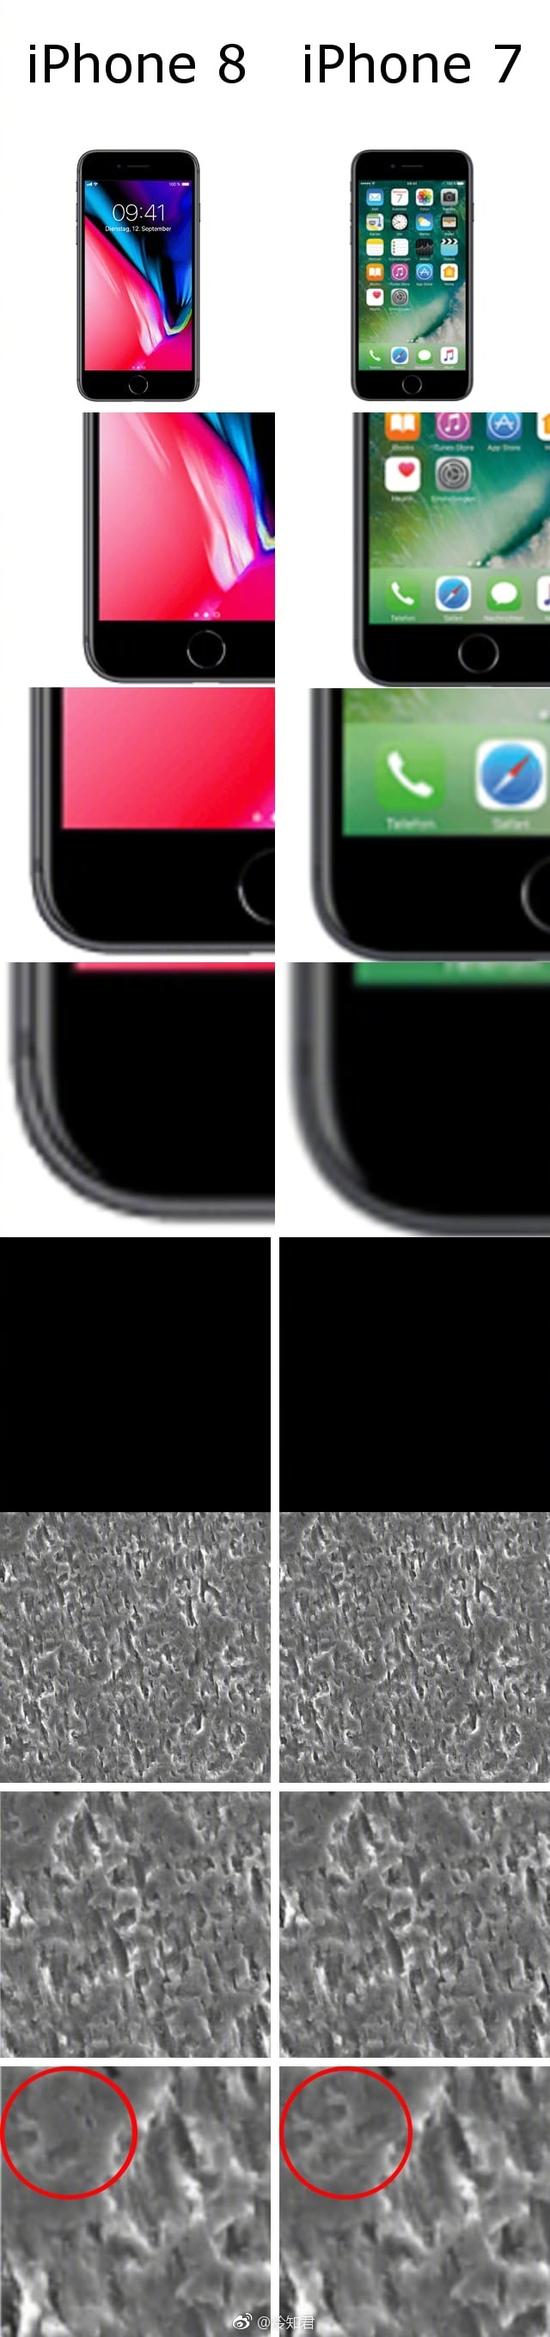 囧哥午间版:外网专业评测测出的ip7和ip8最大不同...图片